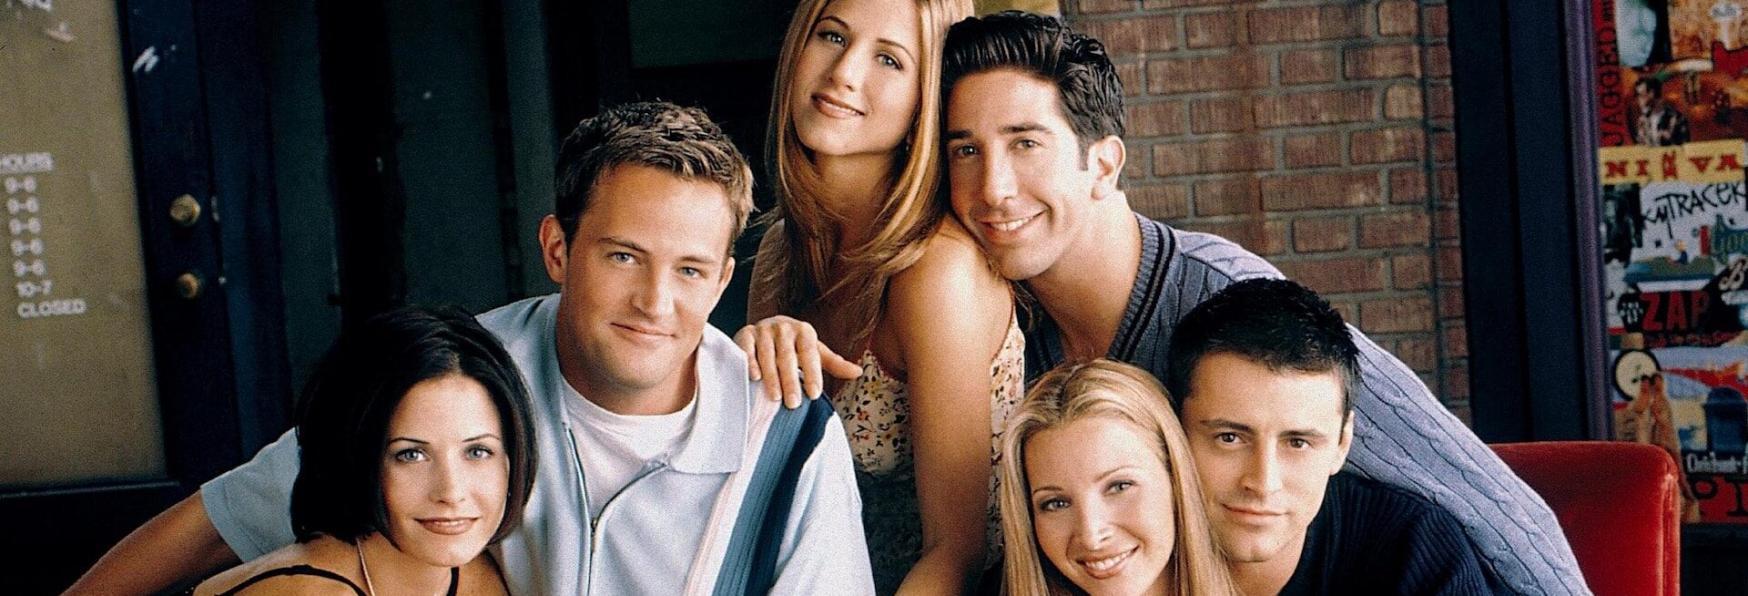 Friends: HBO Max lavora ad uno Special sulla famosissima Serie TV